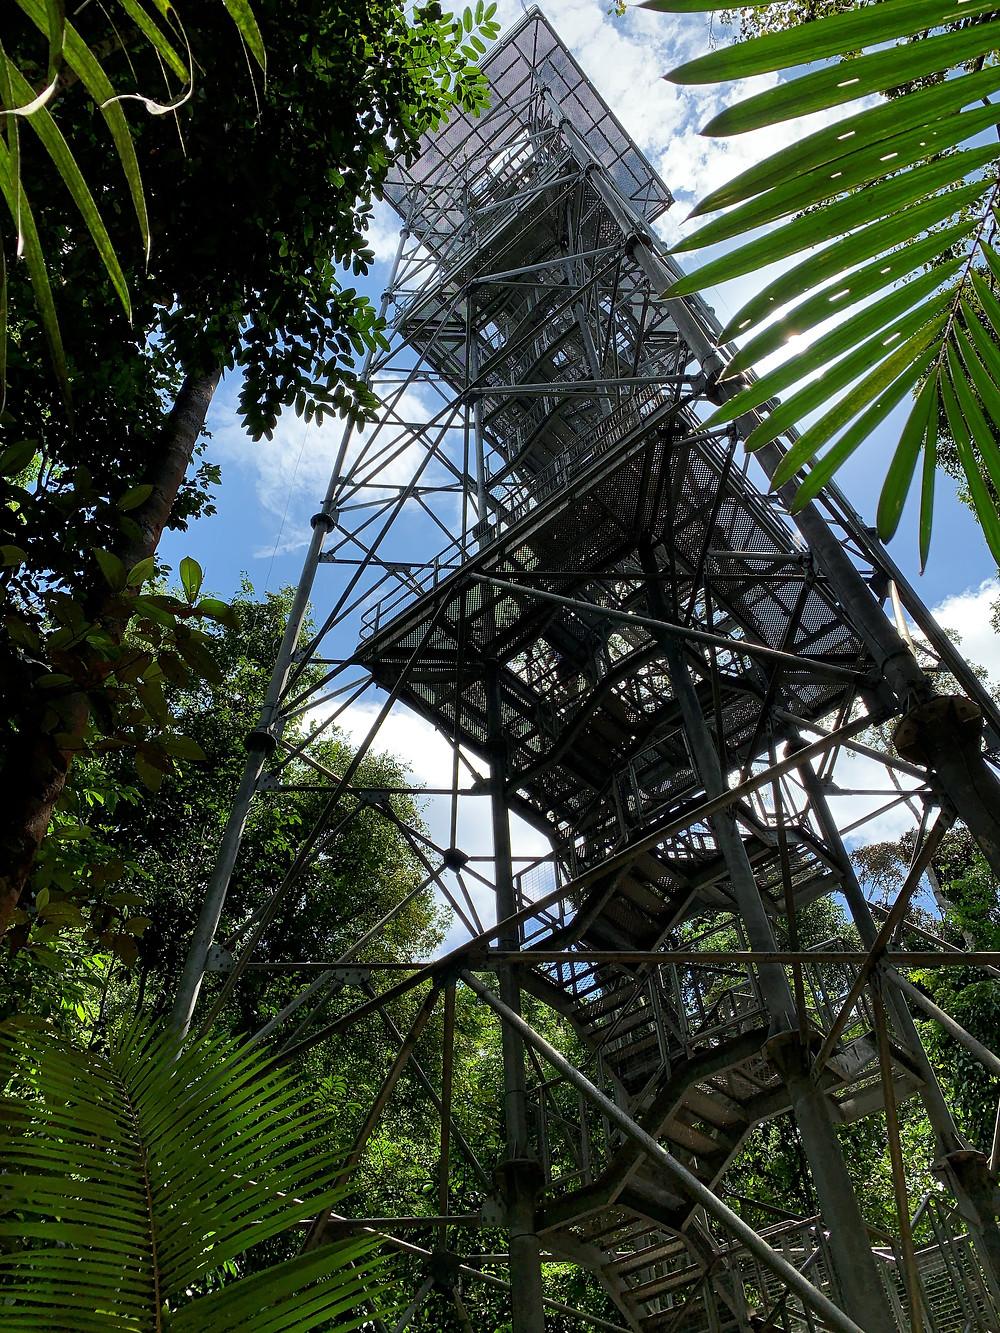 Musa | Museu da Amazônia | Jardim Botânico de Manaus | Reserva Adolpho Ducke]